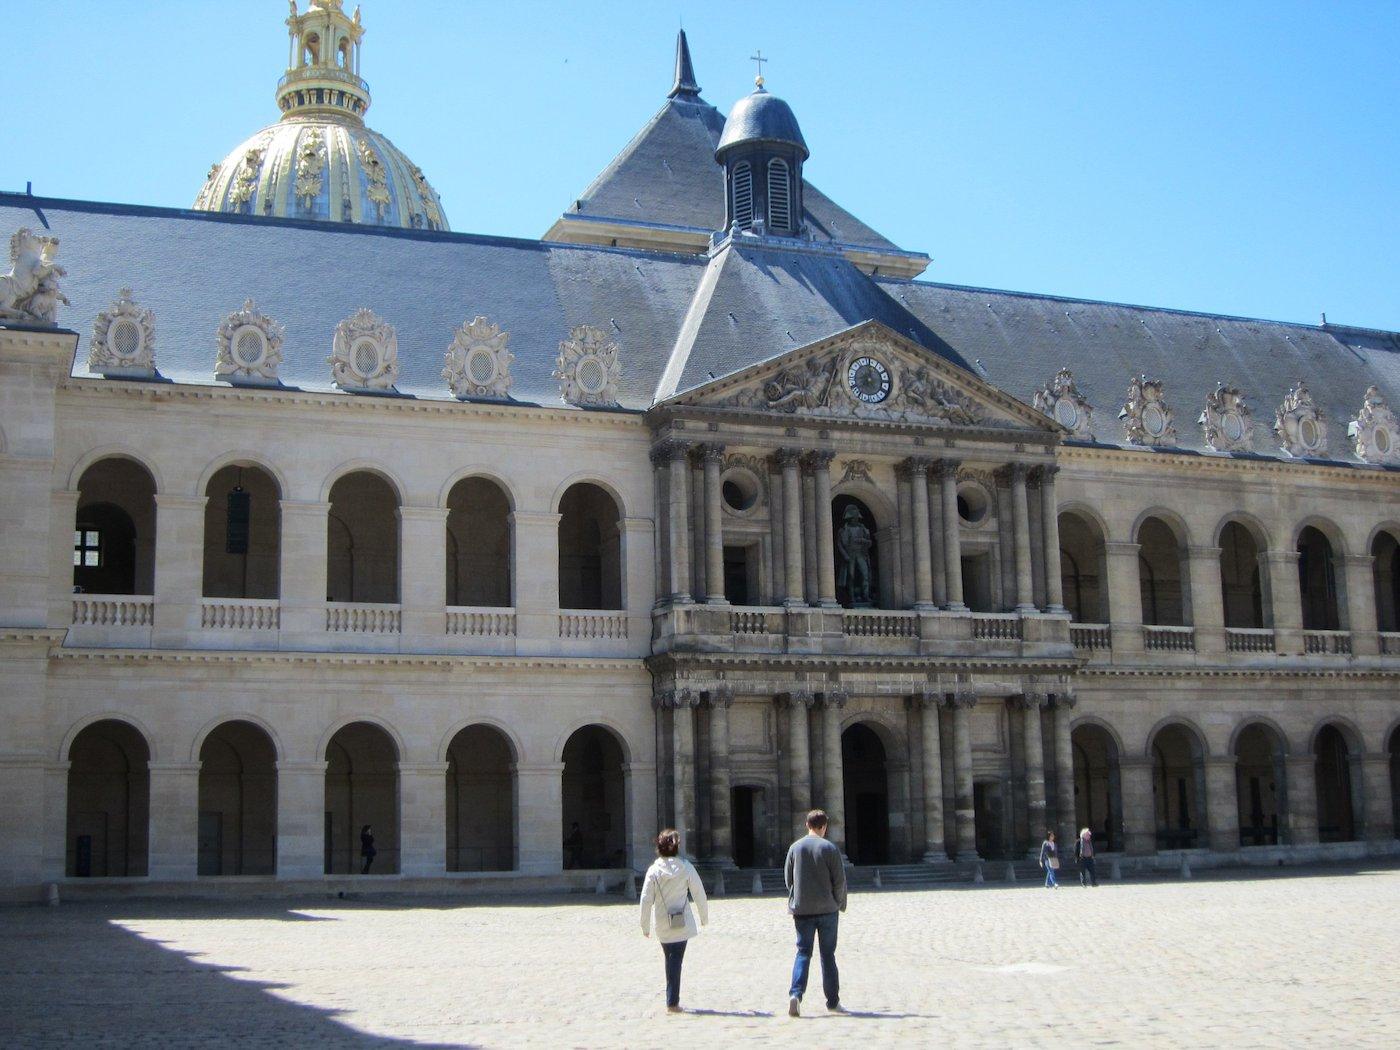 Musée de l'Armée in Paris (photo by the author for Hyperallergic)